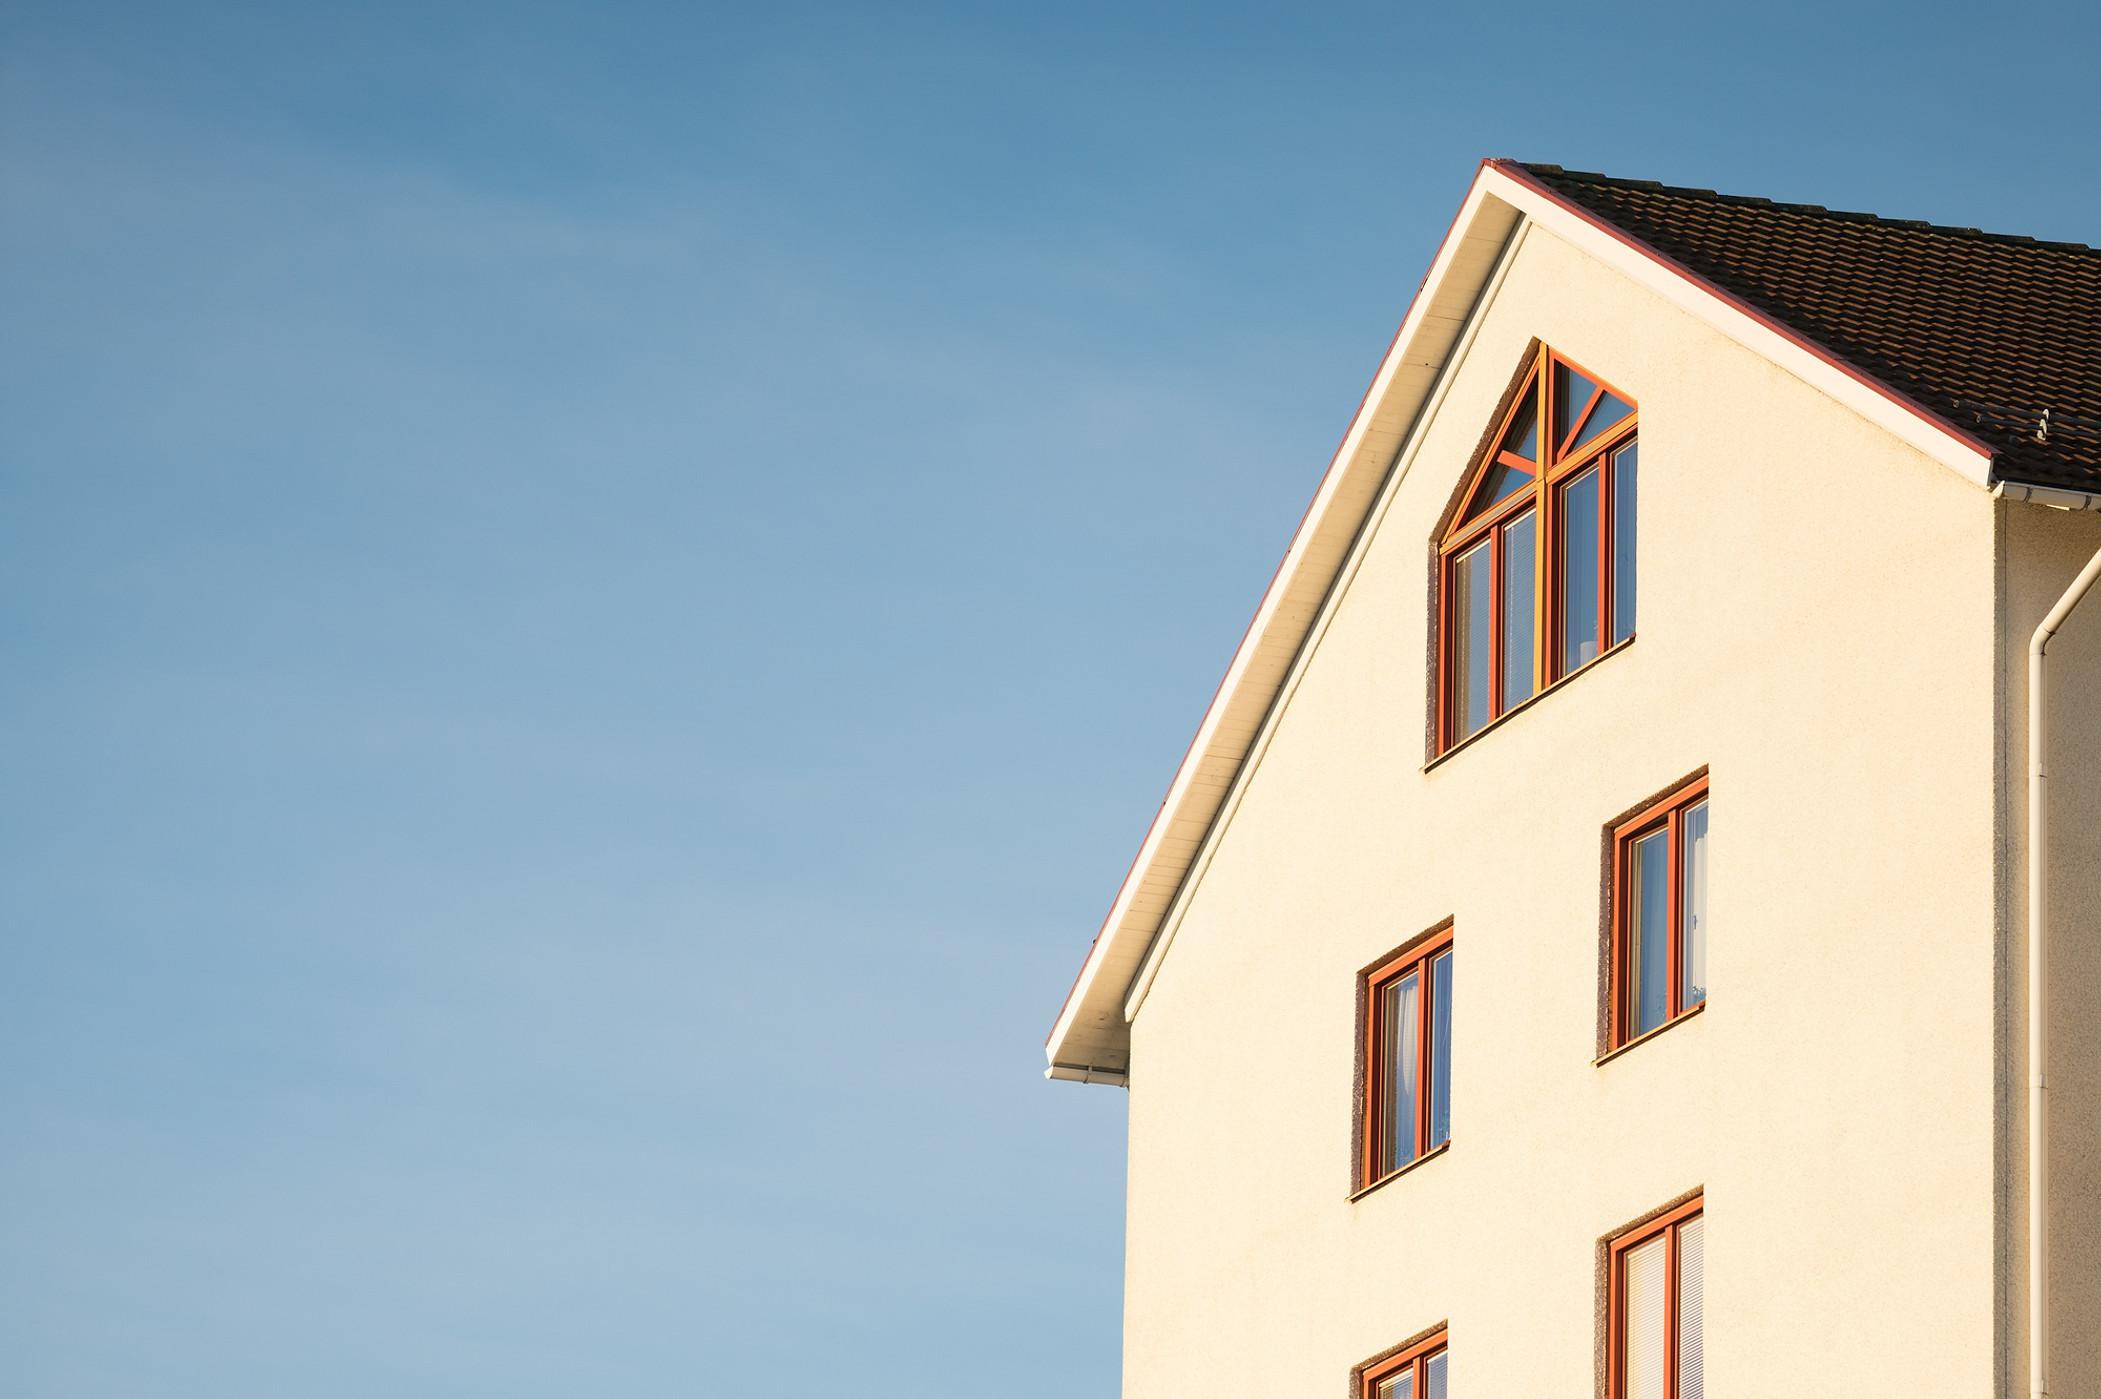 apartment-architecture-blue-sky-358636.j